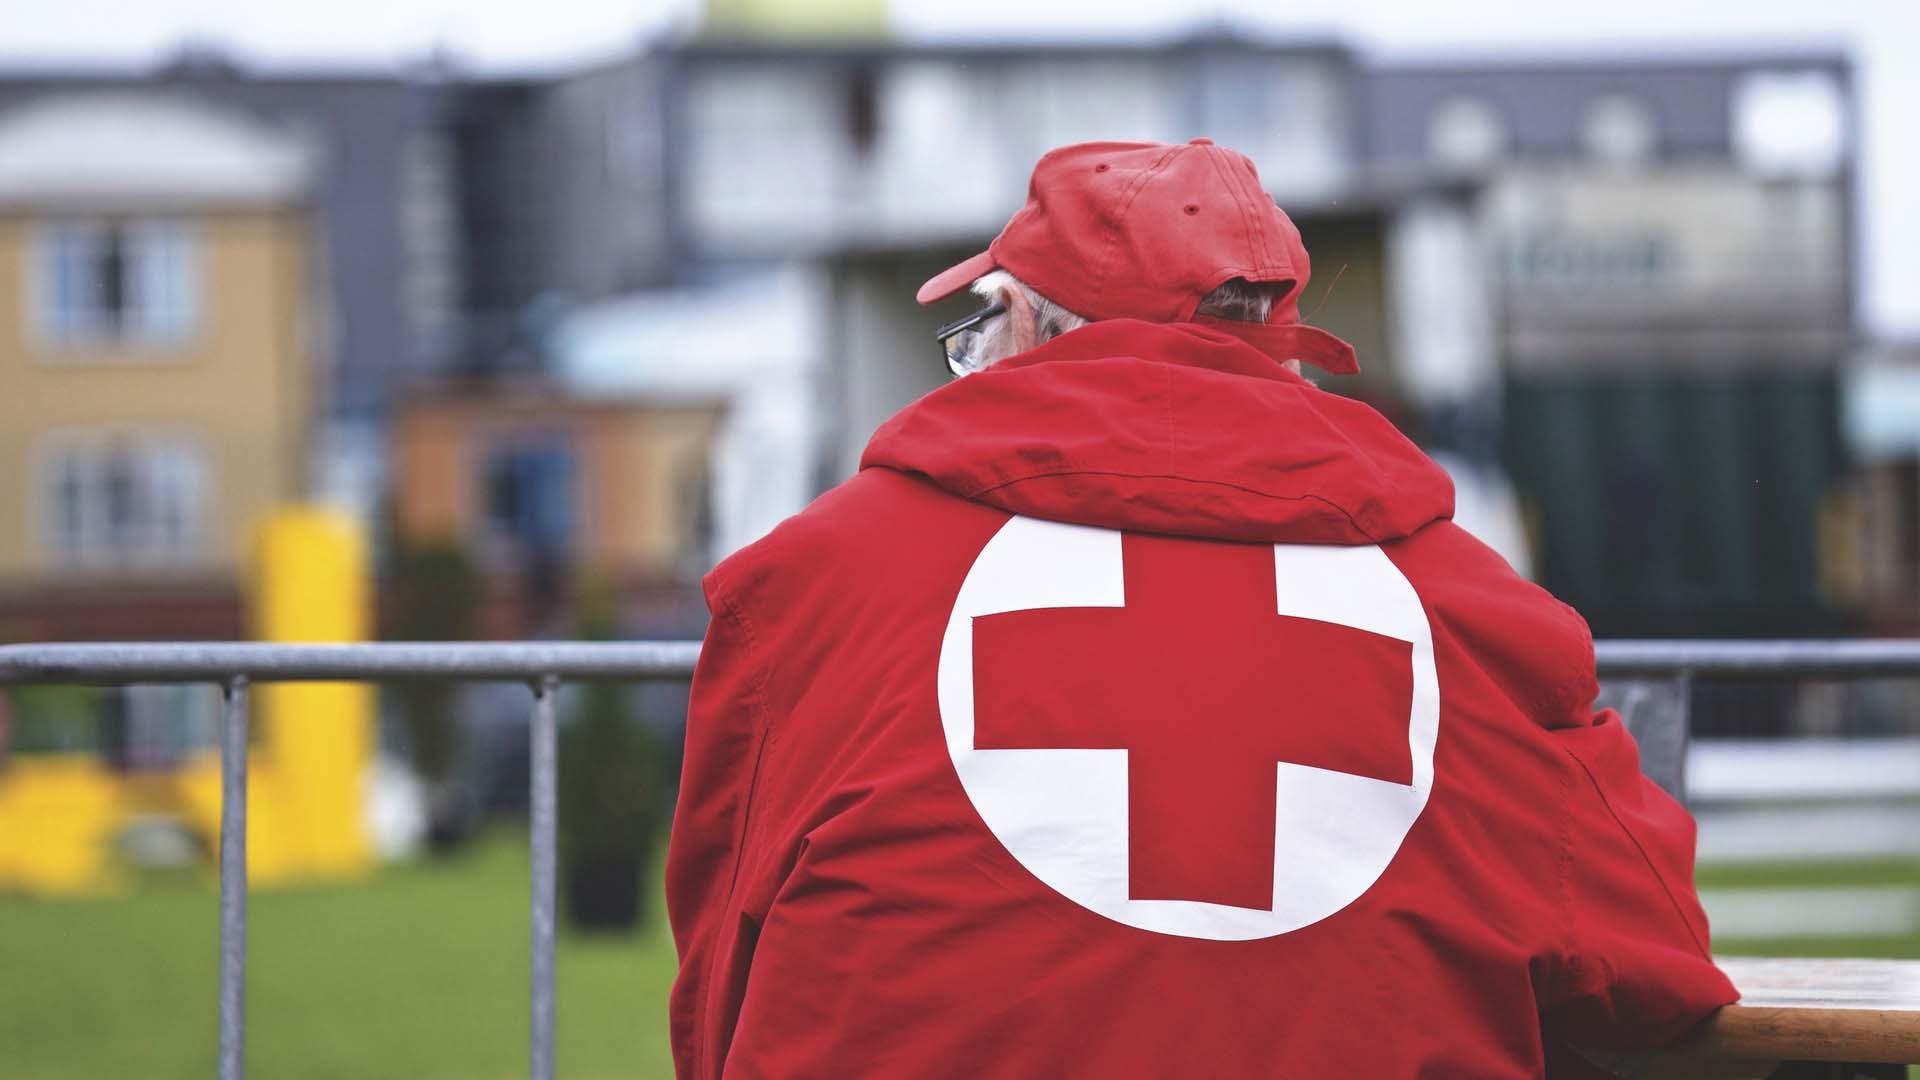 l 39 appli qui sauve la croix rouge vous assiste dans les premiers secours tech numerama. Black Bedroom Furniture Sets. Home Design Ideas